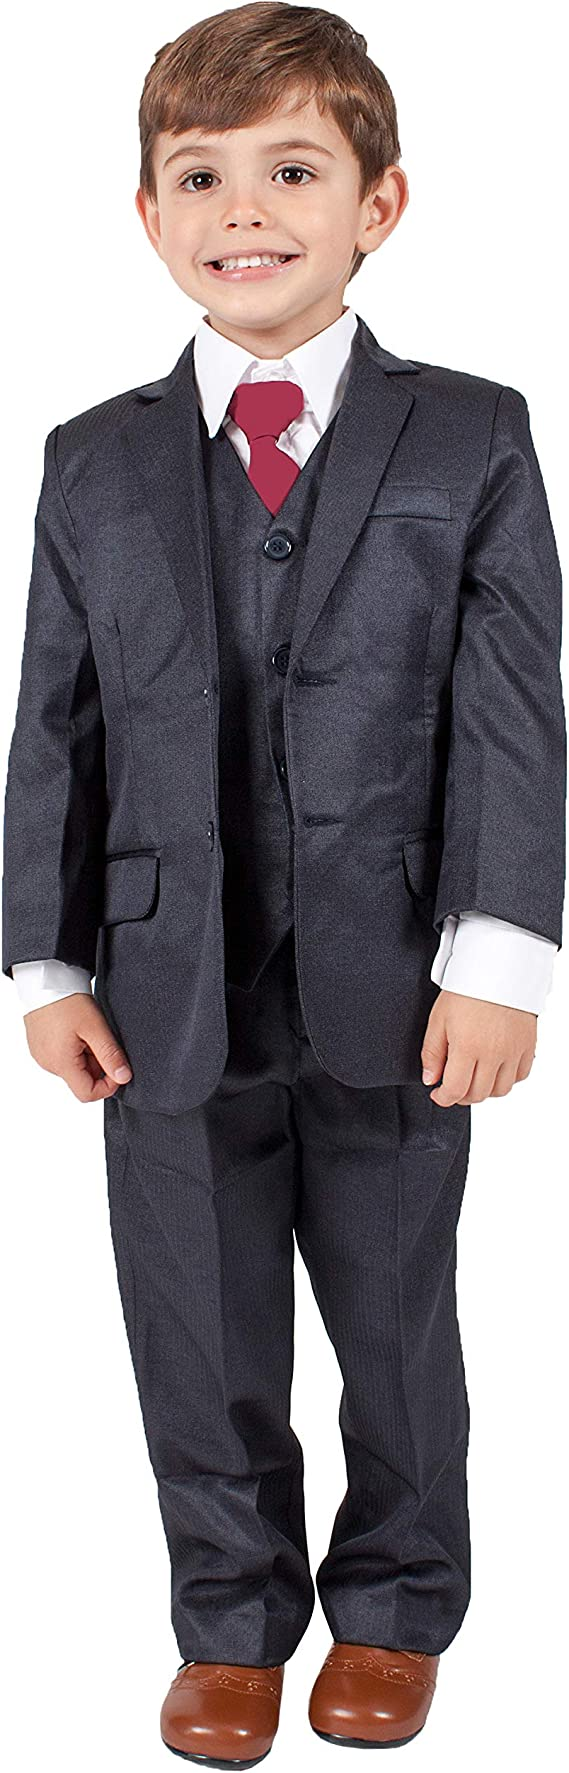 Traje formal azul marino para niños de 5 piezas, ideal para bodas ...